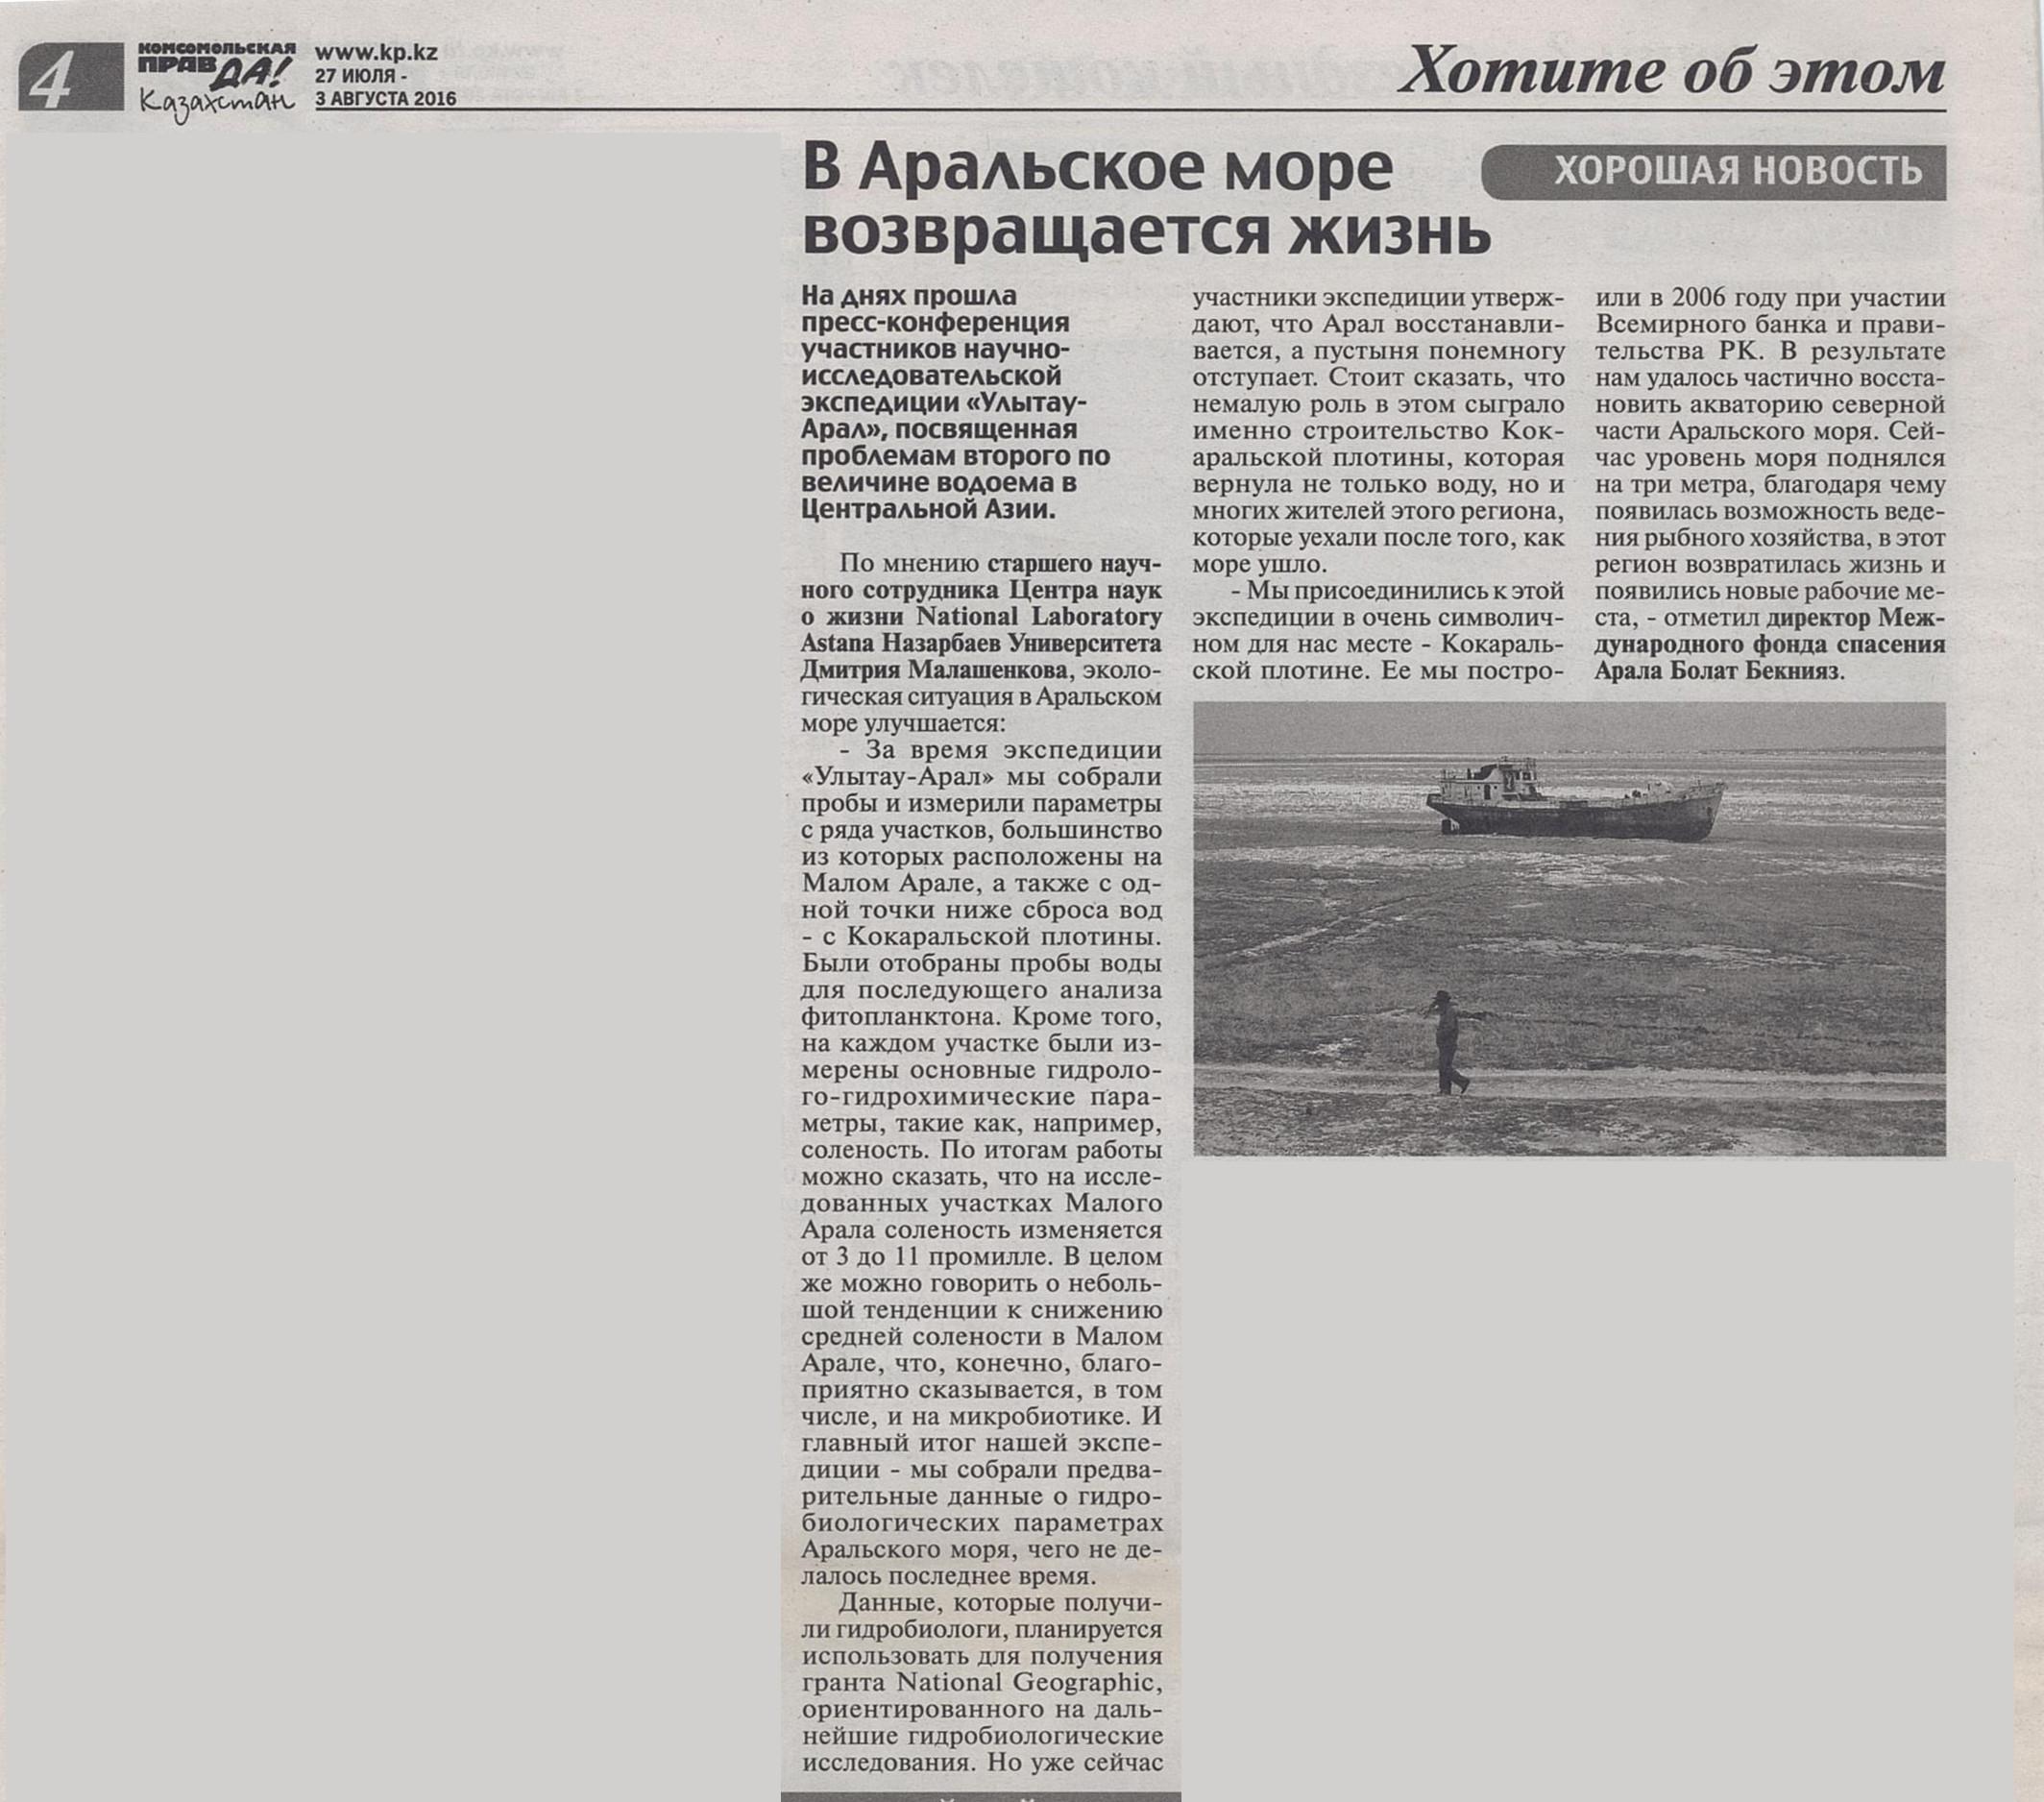 В Аральское море вернулась жизнь 001